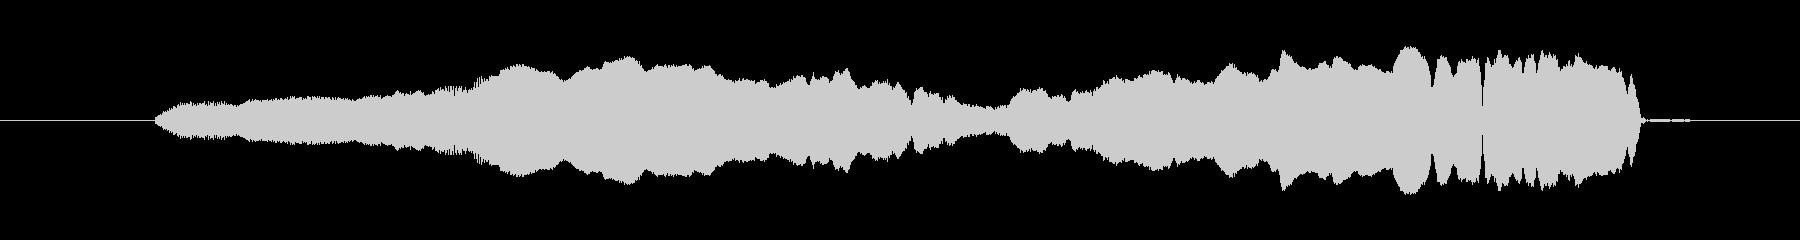 FX ホイッスルロングアップ01の未再生の波形